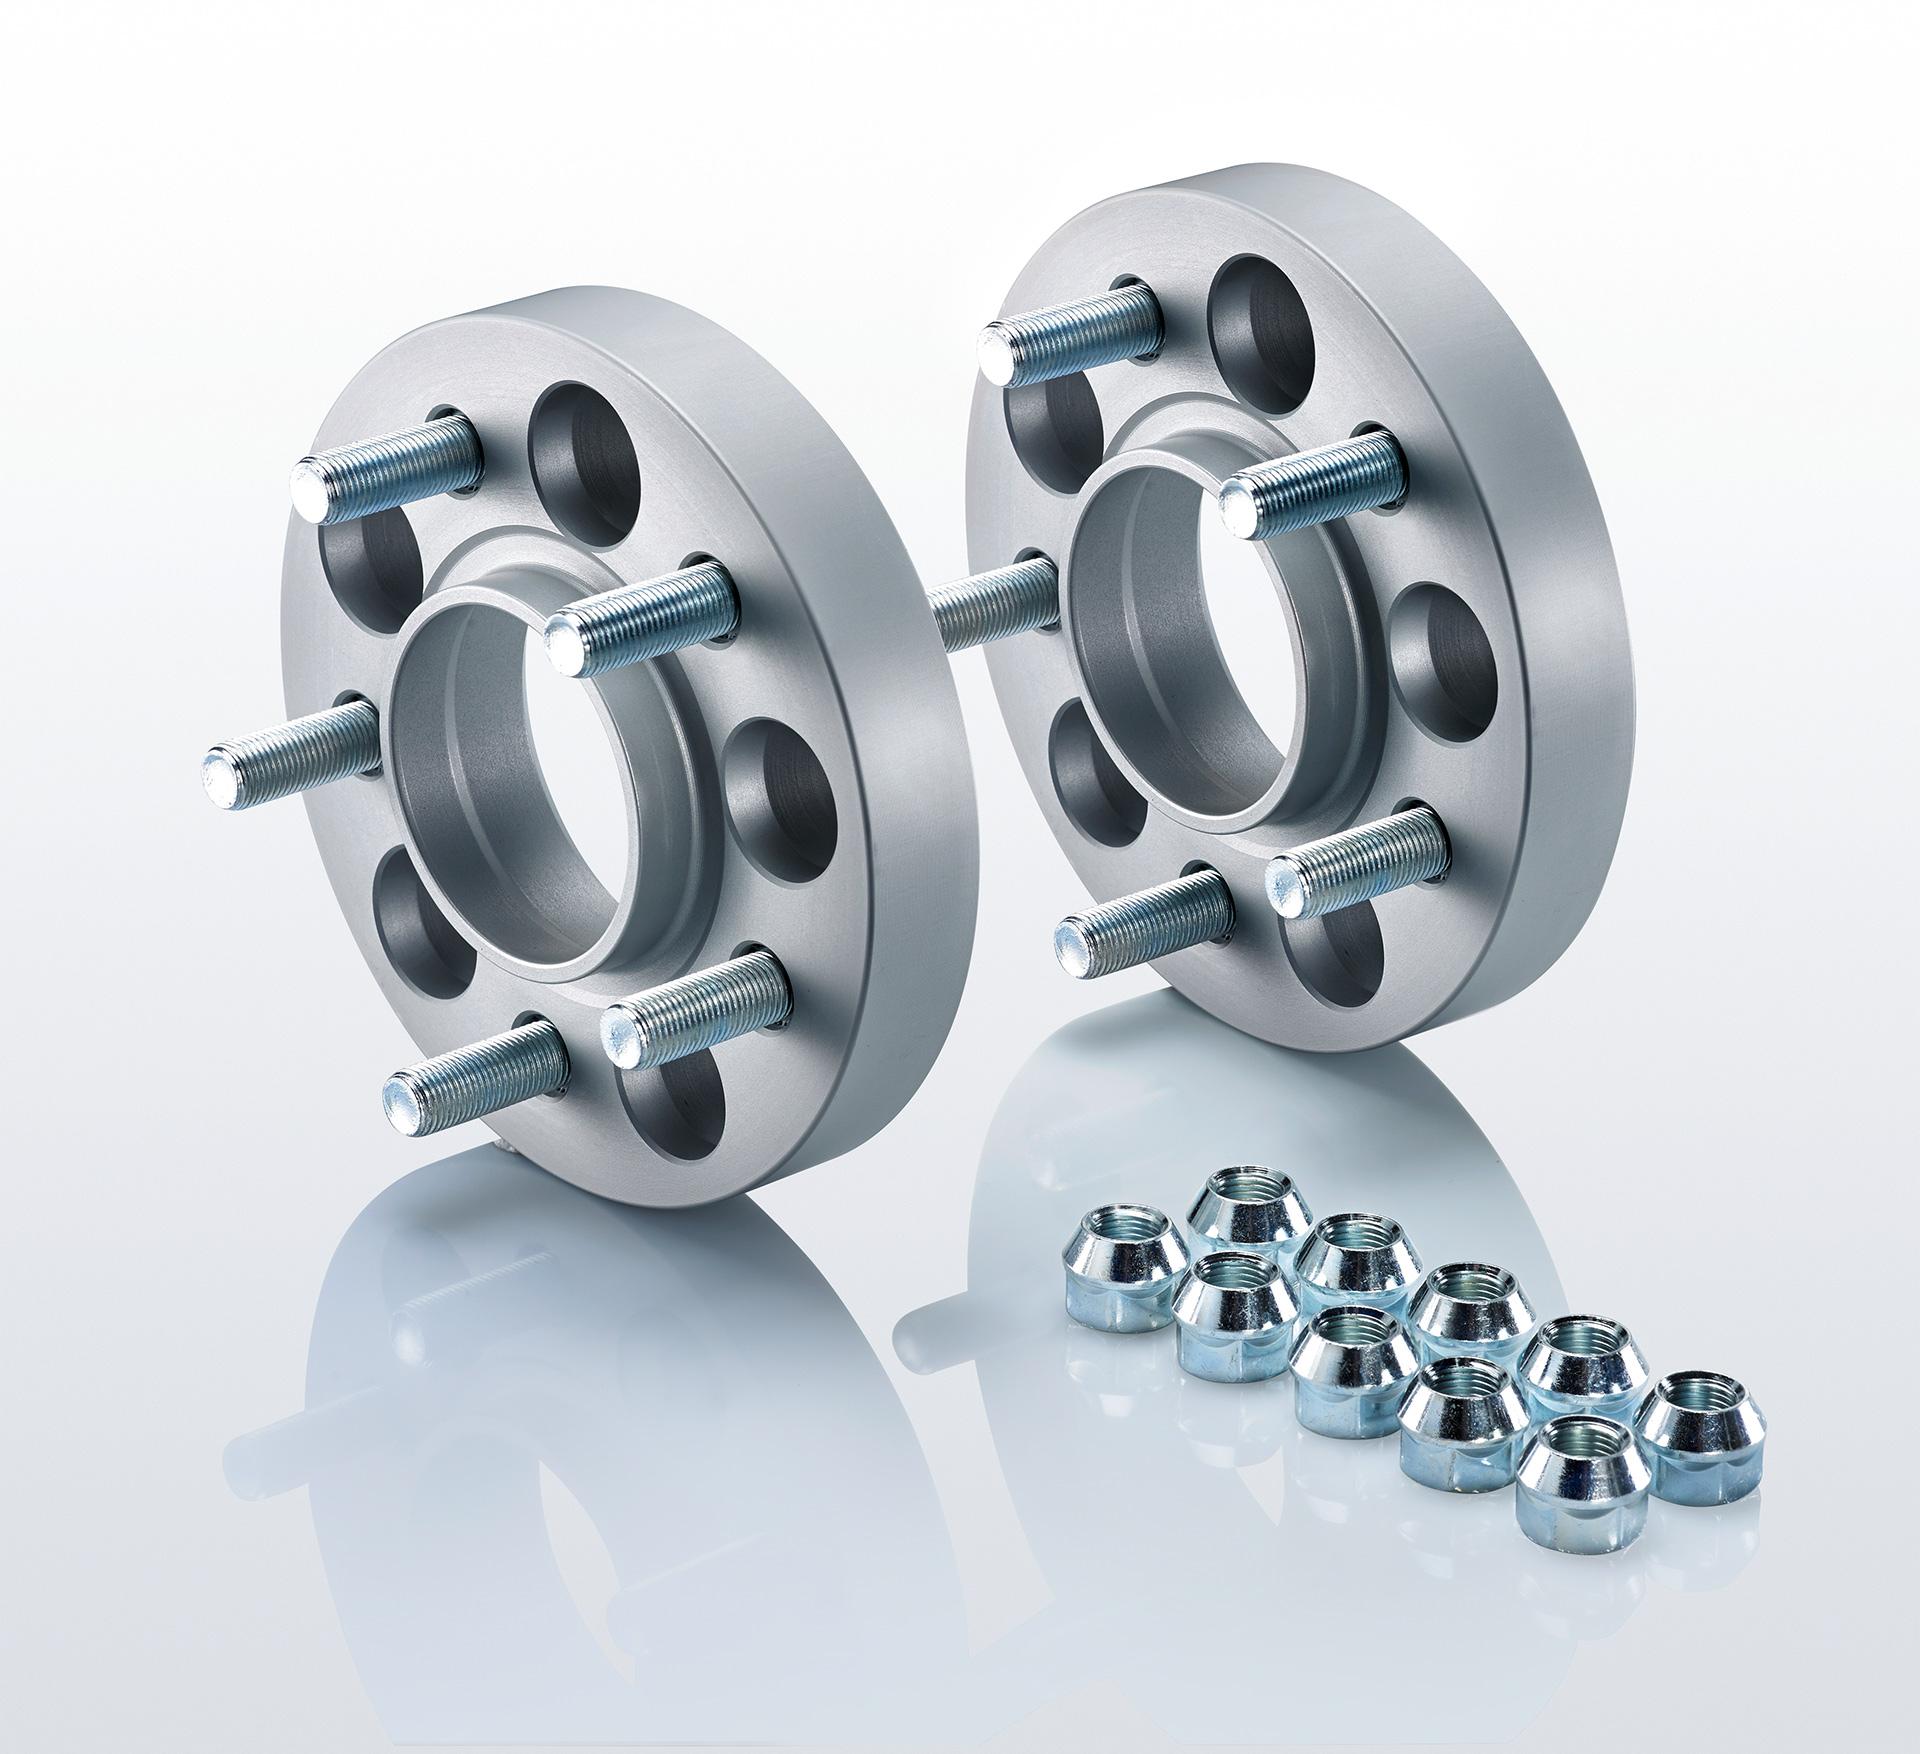 Eibach Spurverbreiterung Pro-Spacer System 4 S90-4-30-011 für u.a. Hyundai